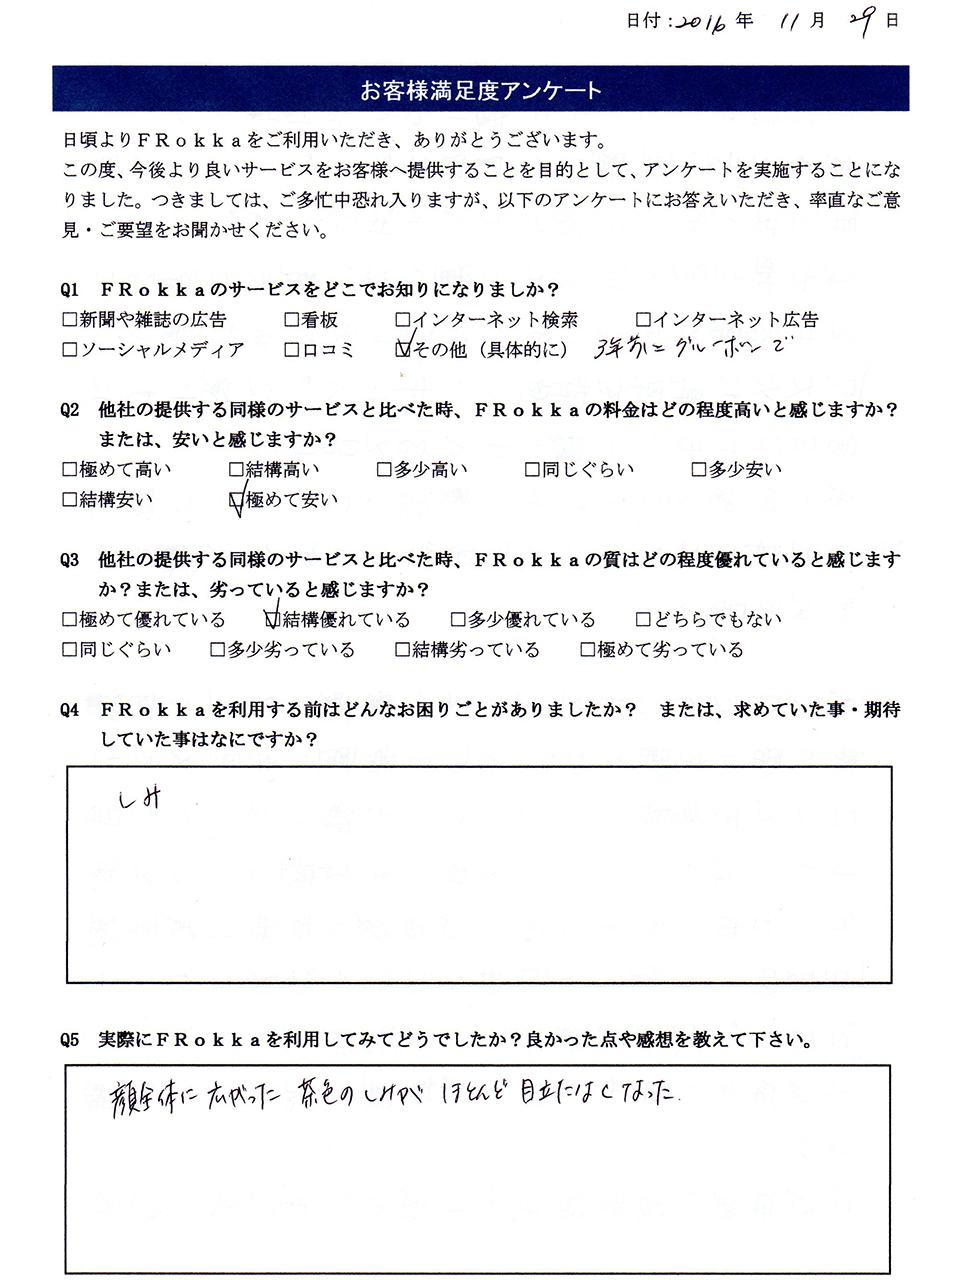 お客様アンケート(60代前半女性)1